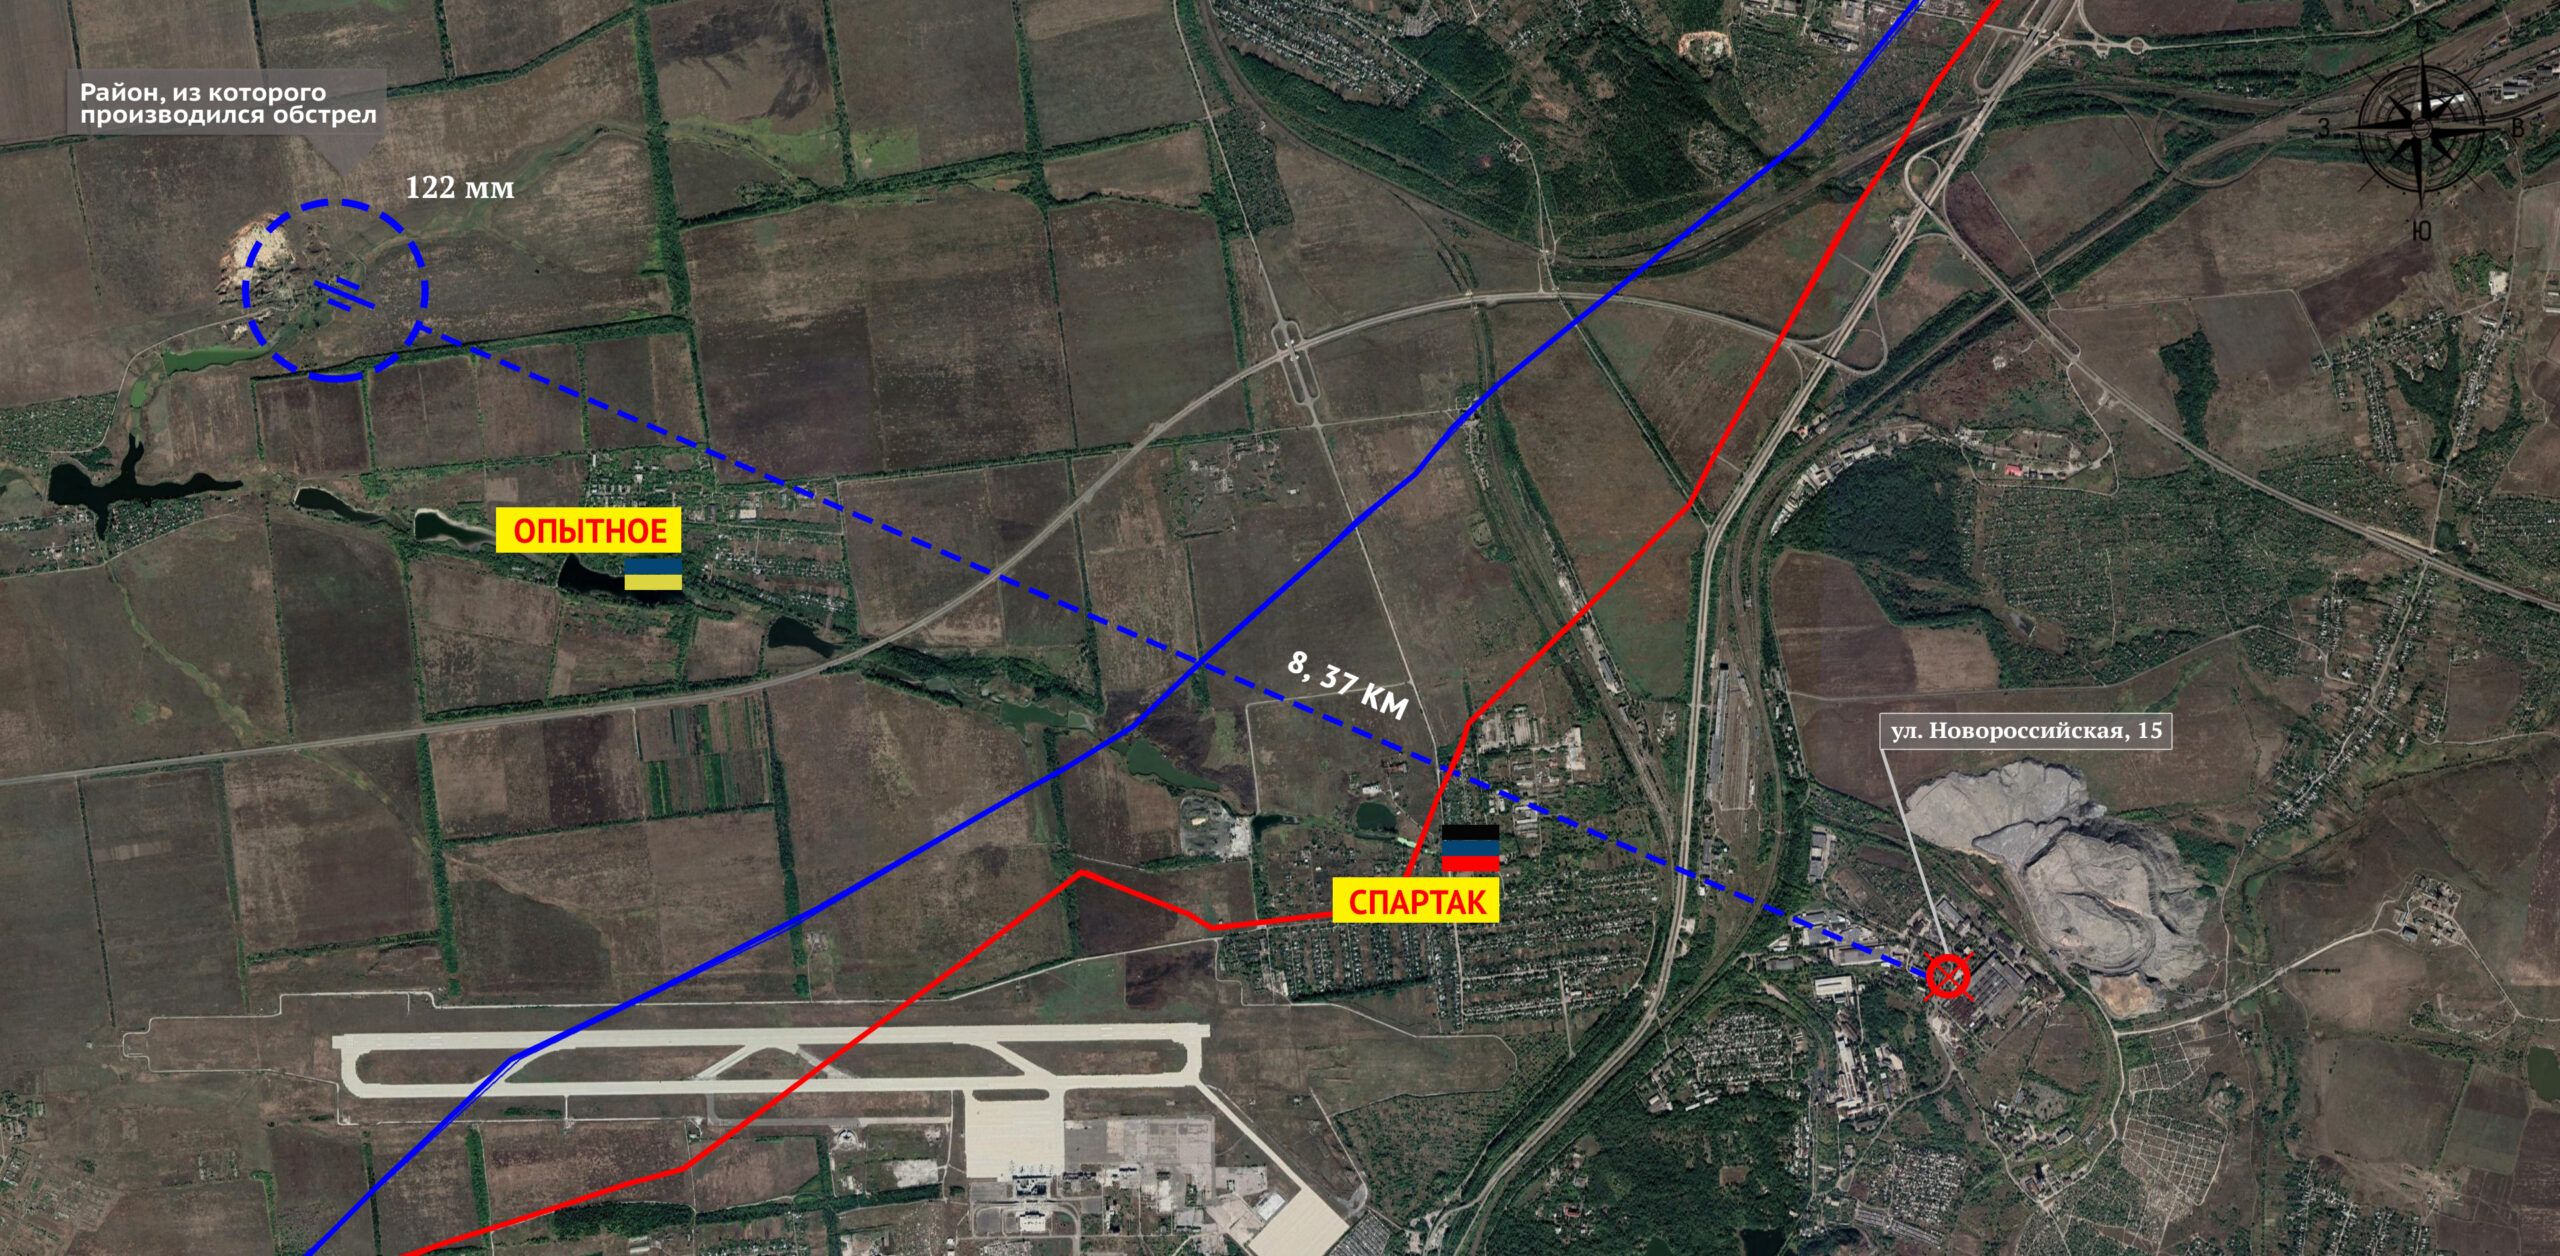 Carte des tirs d'artillerie de 122 mm de l'armée ukrainienne